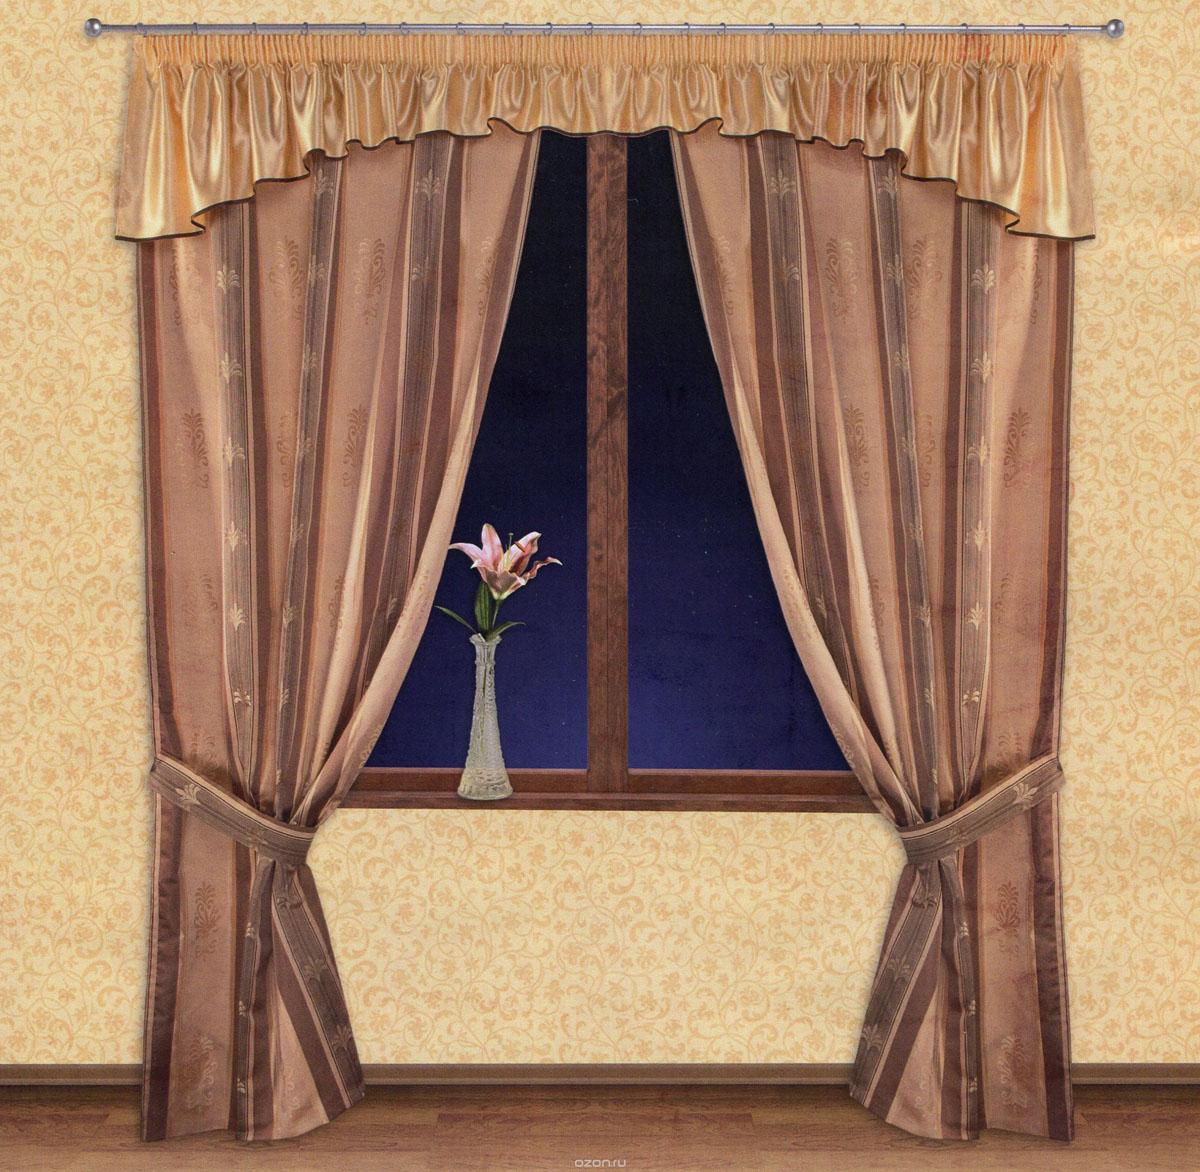 Комплект штор Zlata Korunka, на ленте, цвет: бежевый, коричневый, высота 250 см. 5551655516Роскошный комплект штор Zlata Korunka, выполненный из ткани барокко и шанзализе (100% полиэстера), великолепно украсит любое окно. Комплект состоит из двух портьер, ламбрекена и двух подхватов. Плотная ткань, оригинальный орнамент и приятная, приглушенная гамма привлекут к себе внимание и органично впишутся в интерьер помещения. Комплект крепится на карниз при помощи шторной ленты, которая поможет красиво и равномерно задрапировать верх. Портьеры можно зафиксировать в одном положении с помощью двух подхватов. Этот комплект будет долгое время радовать вас и вашу семью! В комплект входит: Портьера: 2 шт. Размер (ШхВ): 140 см х 250 см. Ламбрекен: 1 шт. Размер (ШхВ): 400 см х 50 см.Подхват: 2 шт. Размер (ШхВ): 60 см х 10 см.